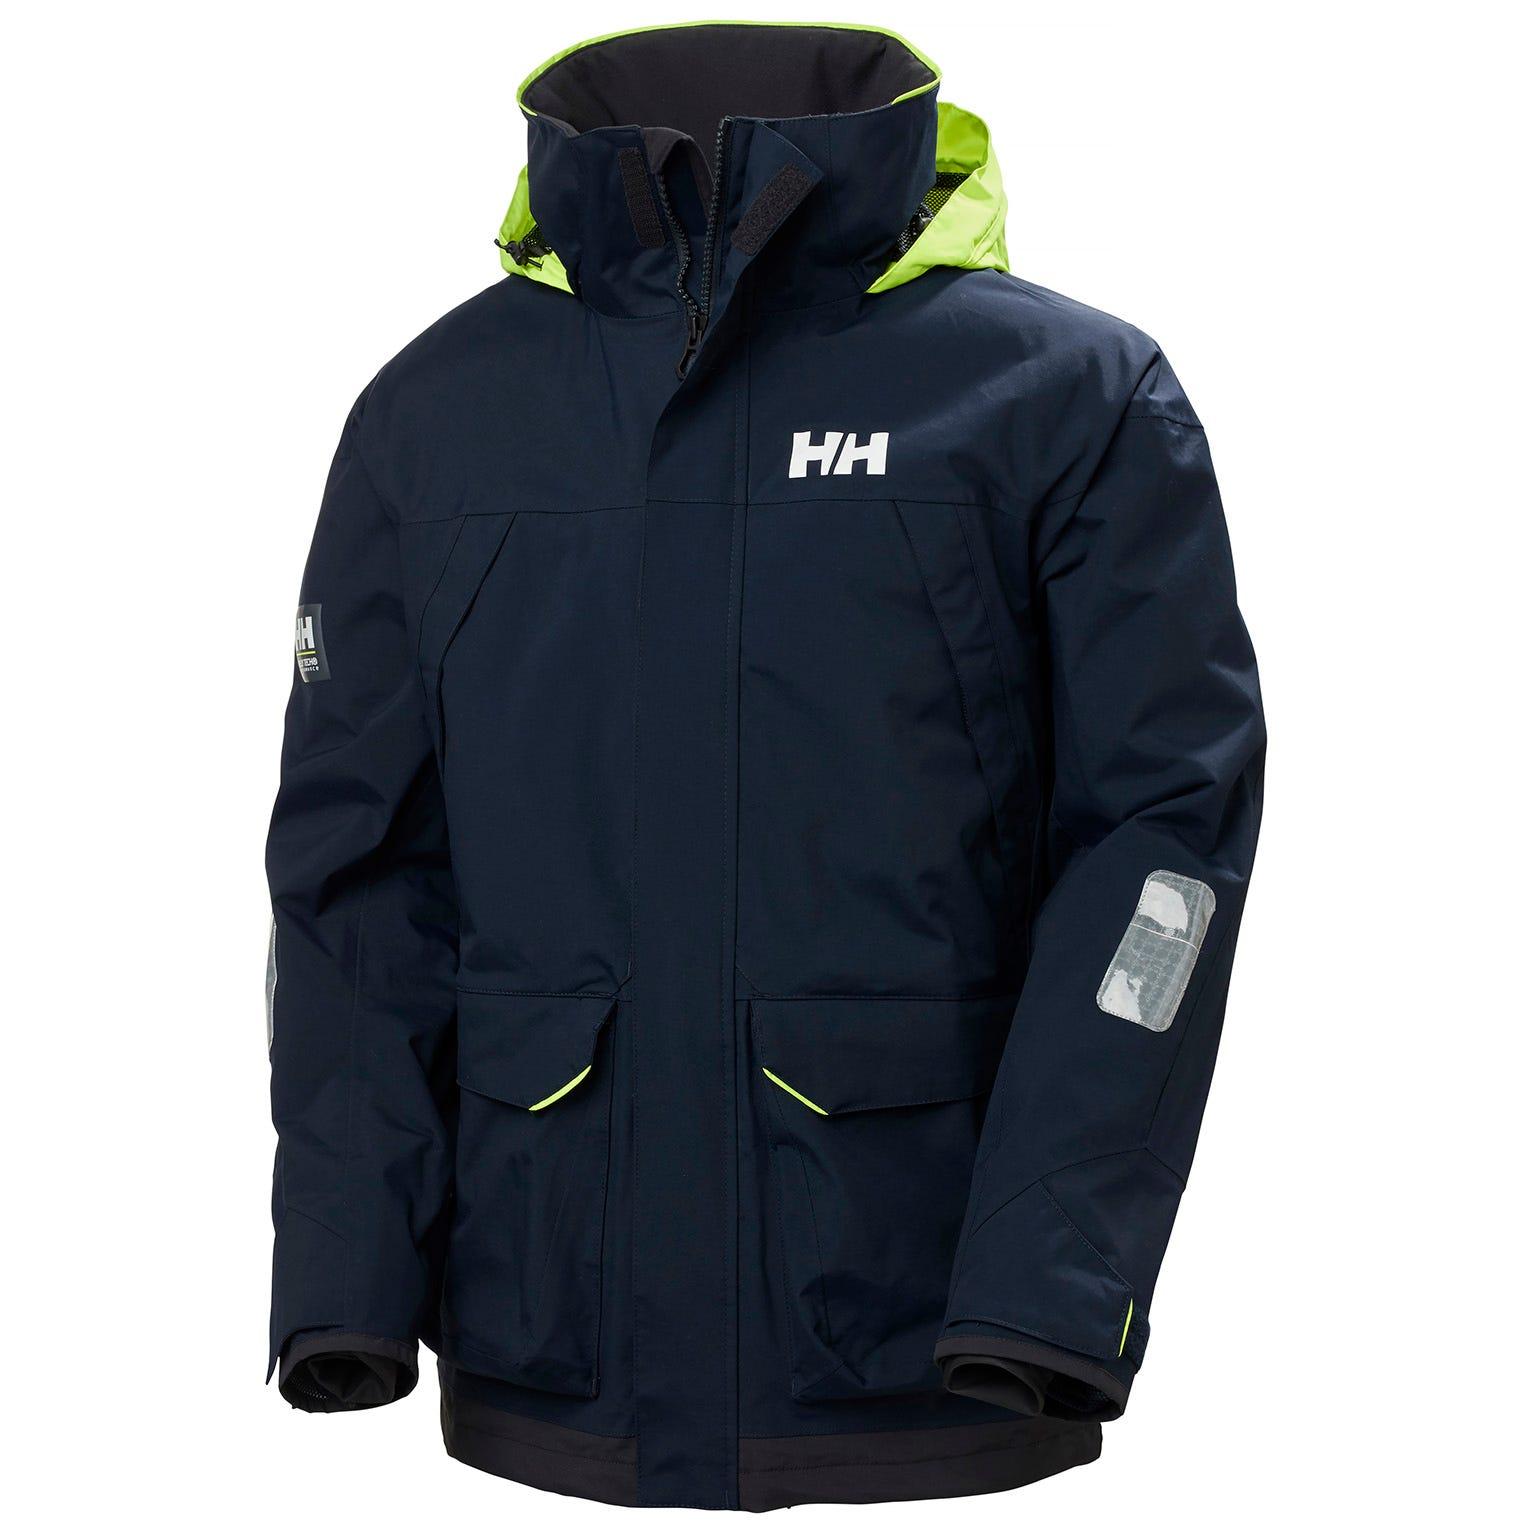 Jakke W Pier Jacket 3.0